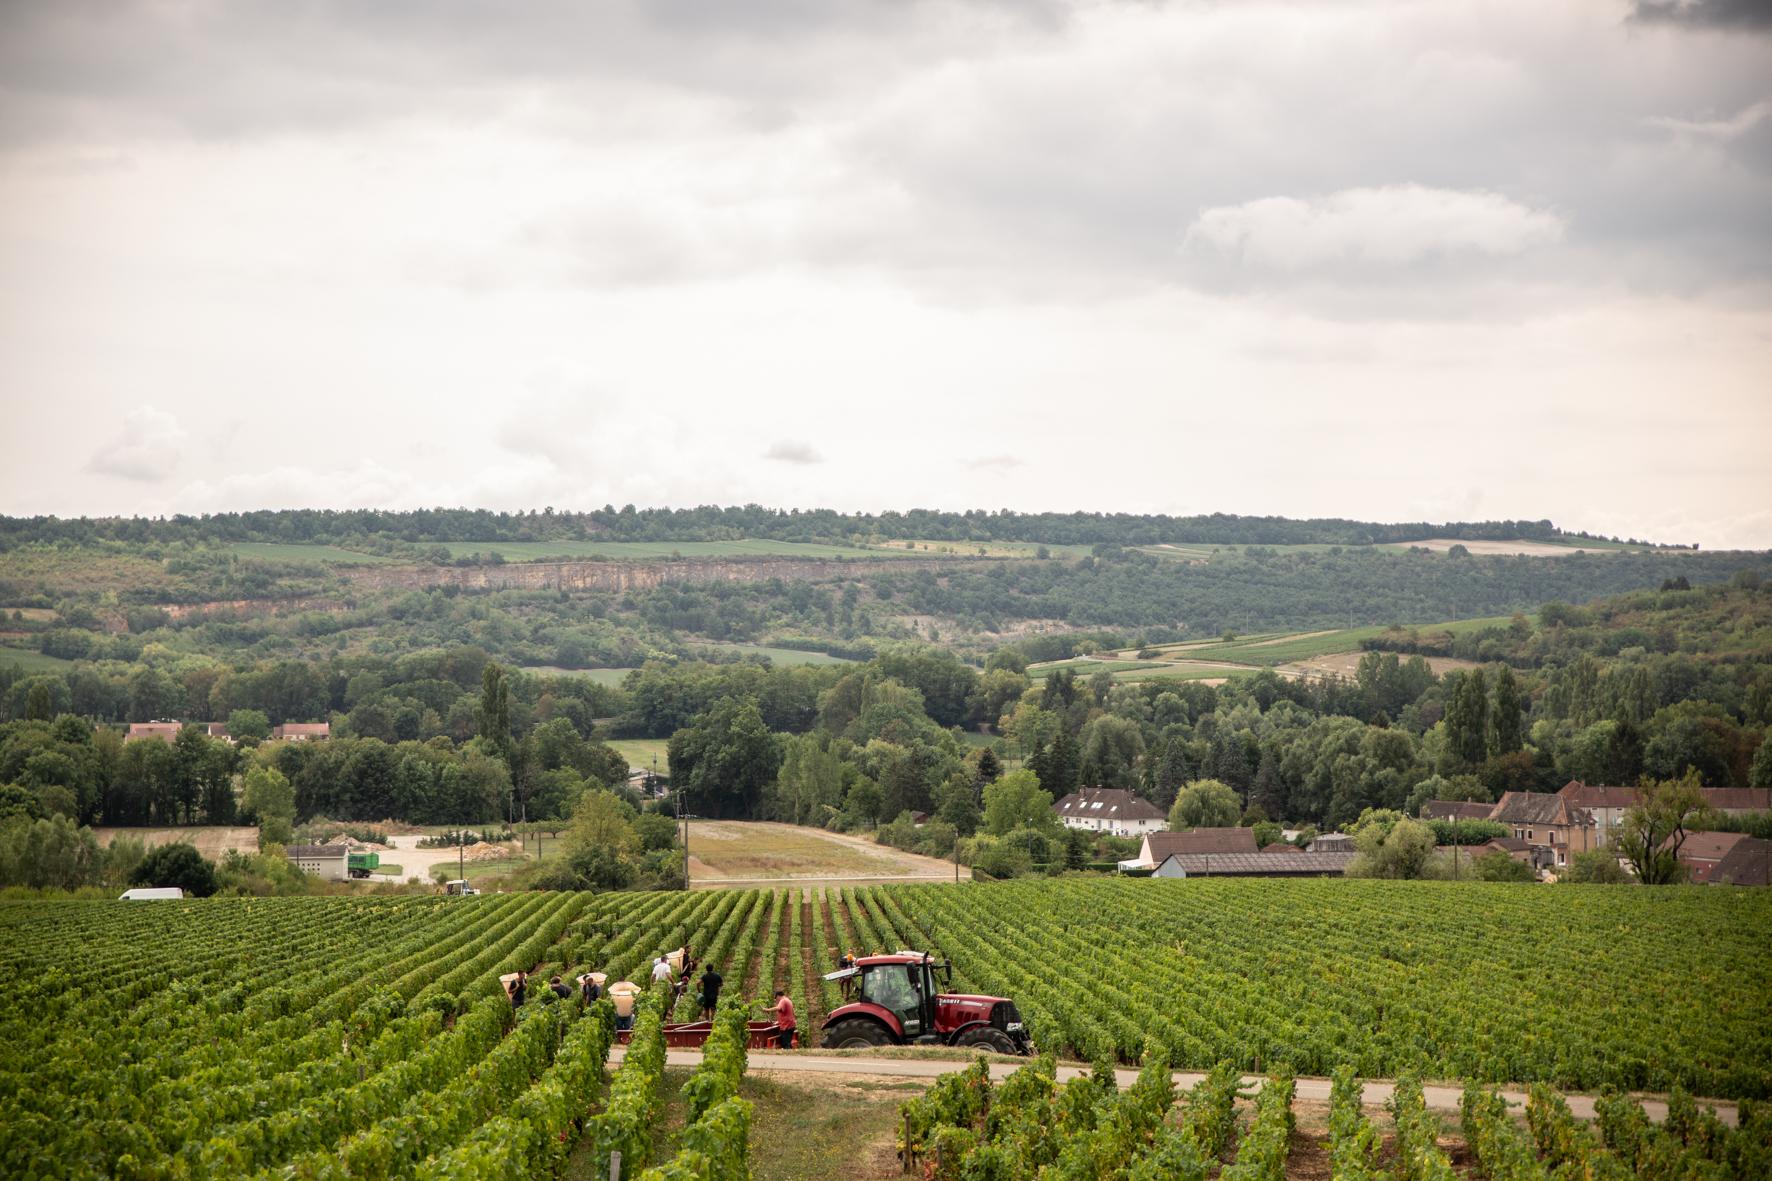 Vendanges 2018 tracteur - Grand vin d'exception Domaine Jeannot